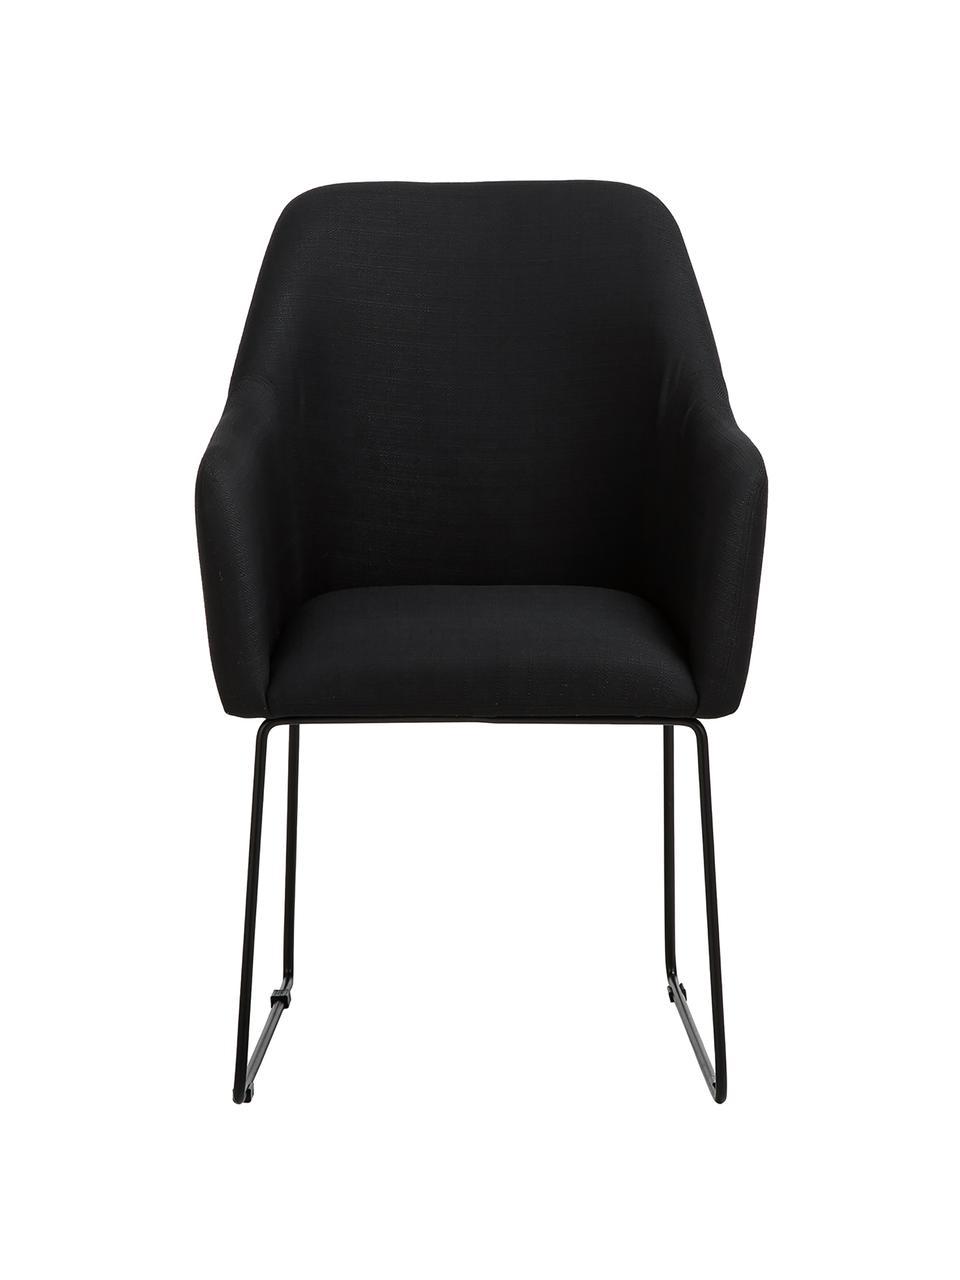 Chaise rembourrée moderne Isla, Tissu noir, pieds noir